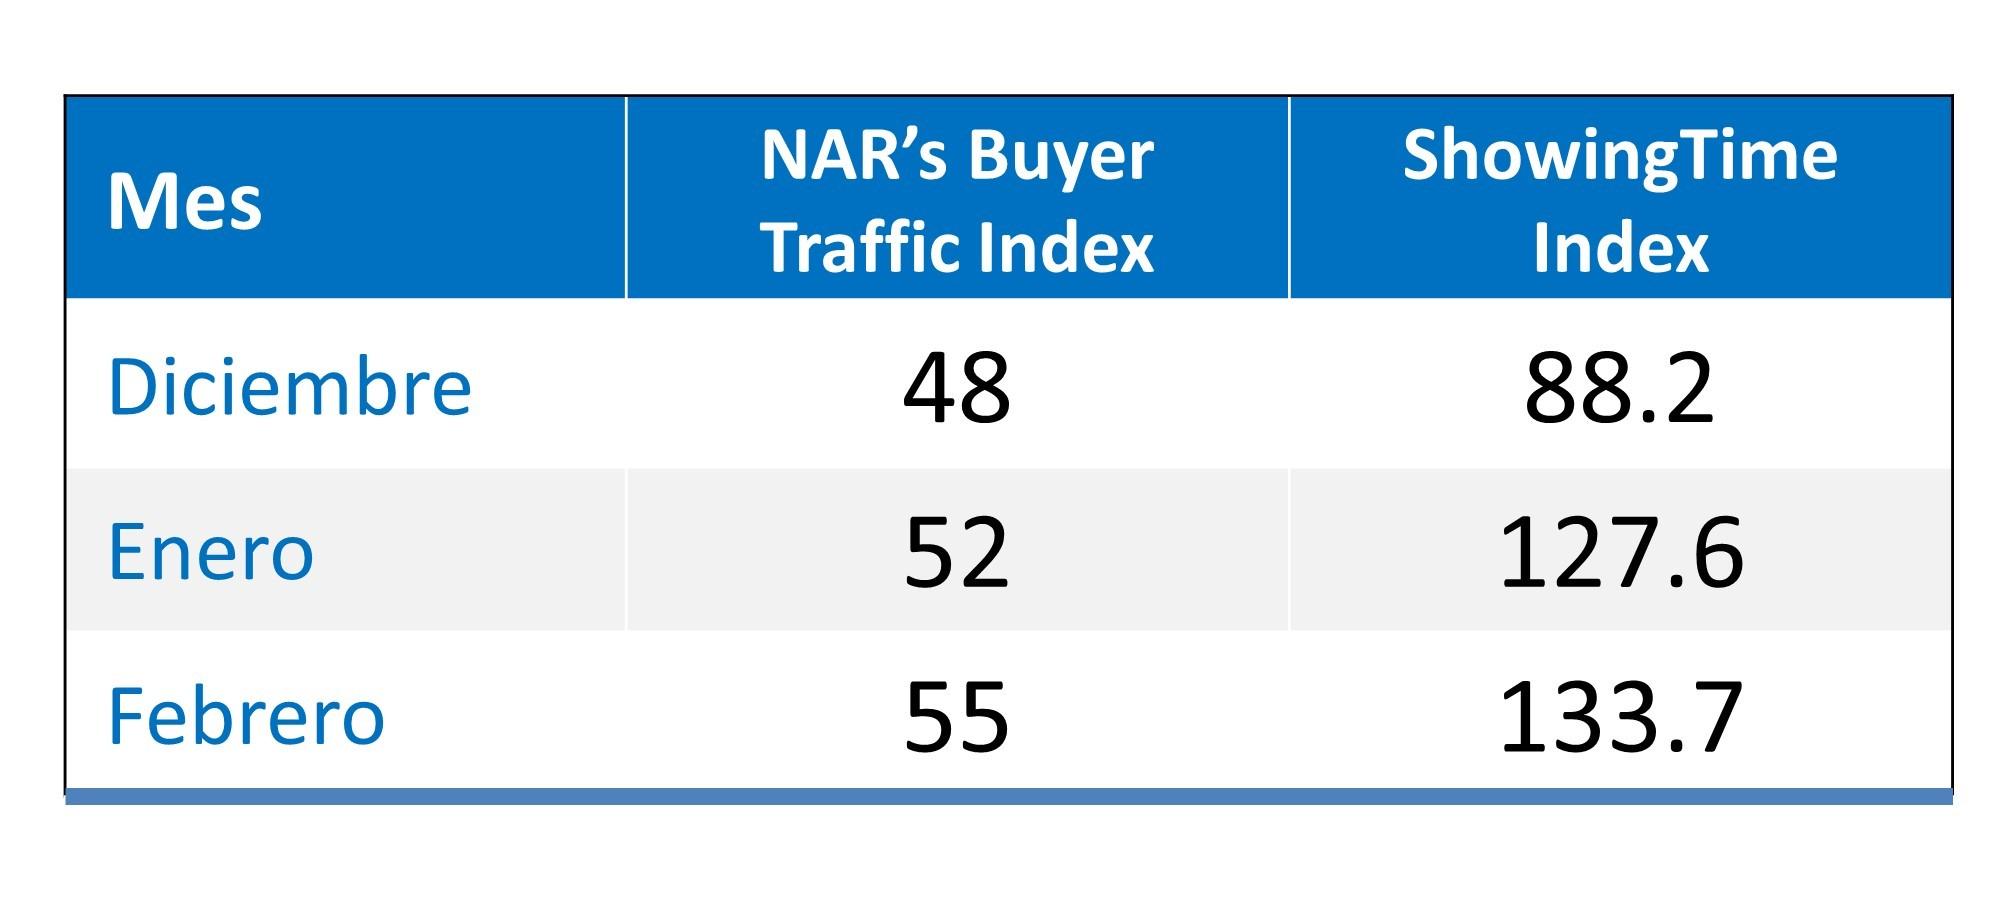 La demanda de los compradores surge a medida que el mercado de la primavera comienza | Simplifying The Market